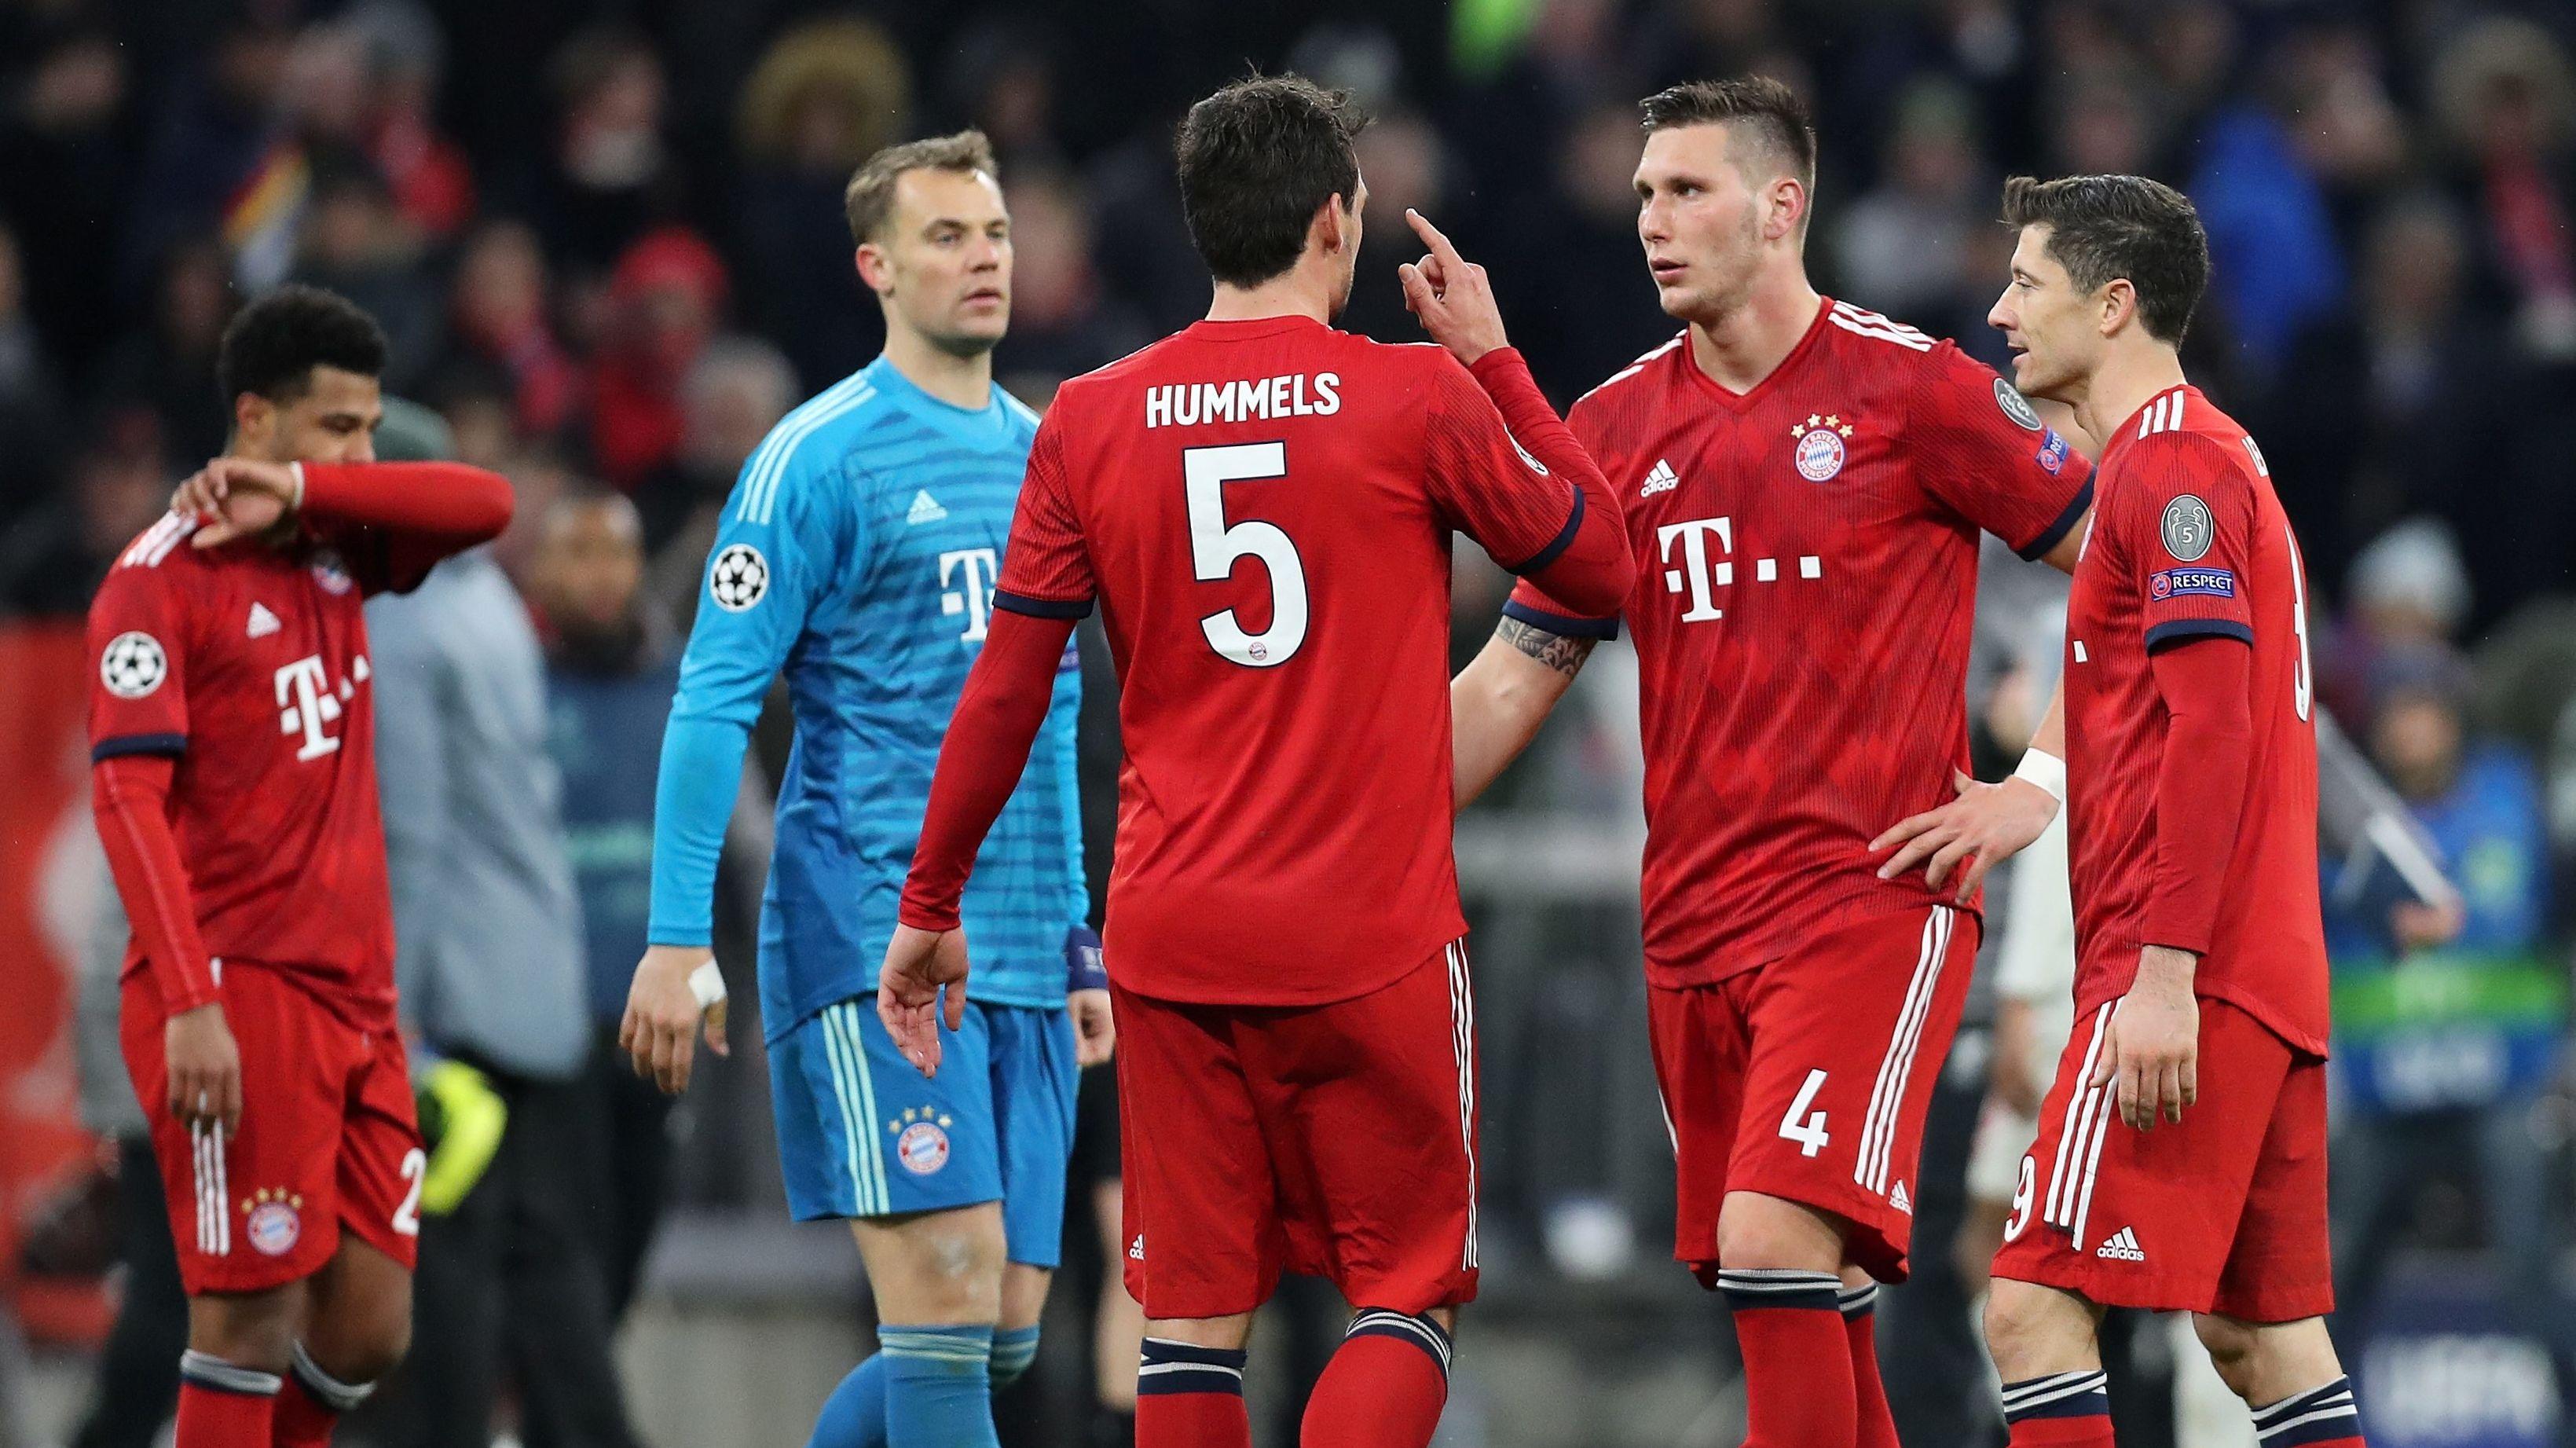 Deutscher Meister FC Bayern